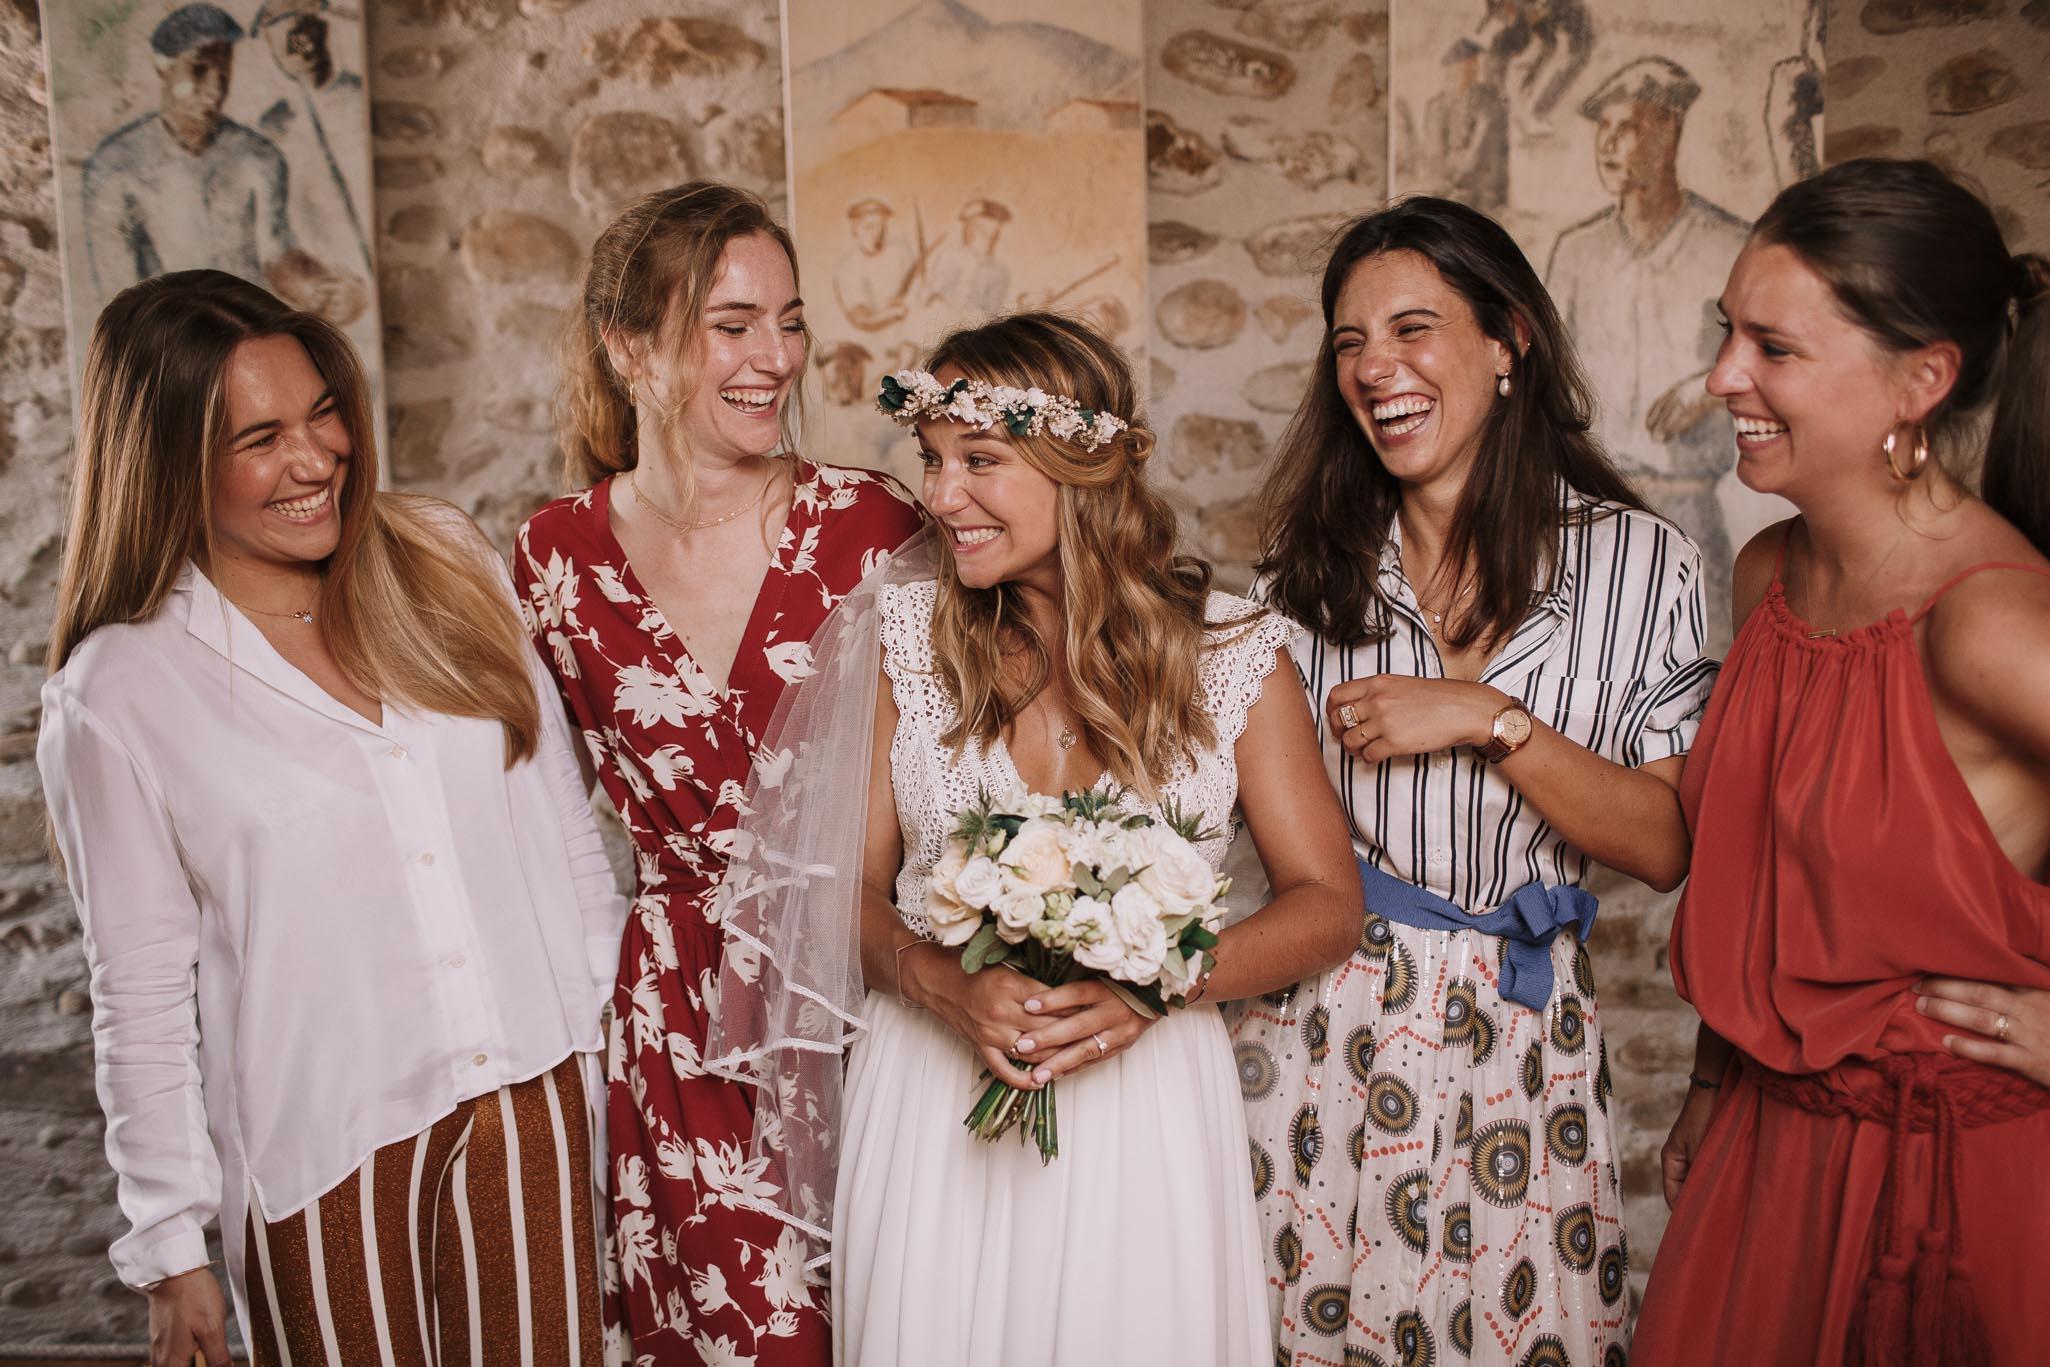 Photographe-mariage-bordeaux-jeremy-boyer-pays-basque-ihartze-artea-sare-robe-eleonore-pauc-couple-amour-44.jpg